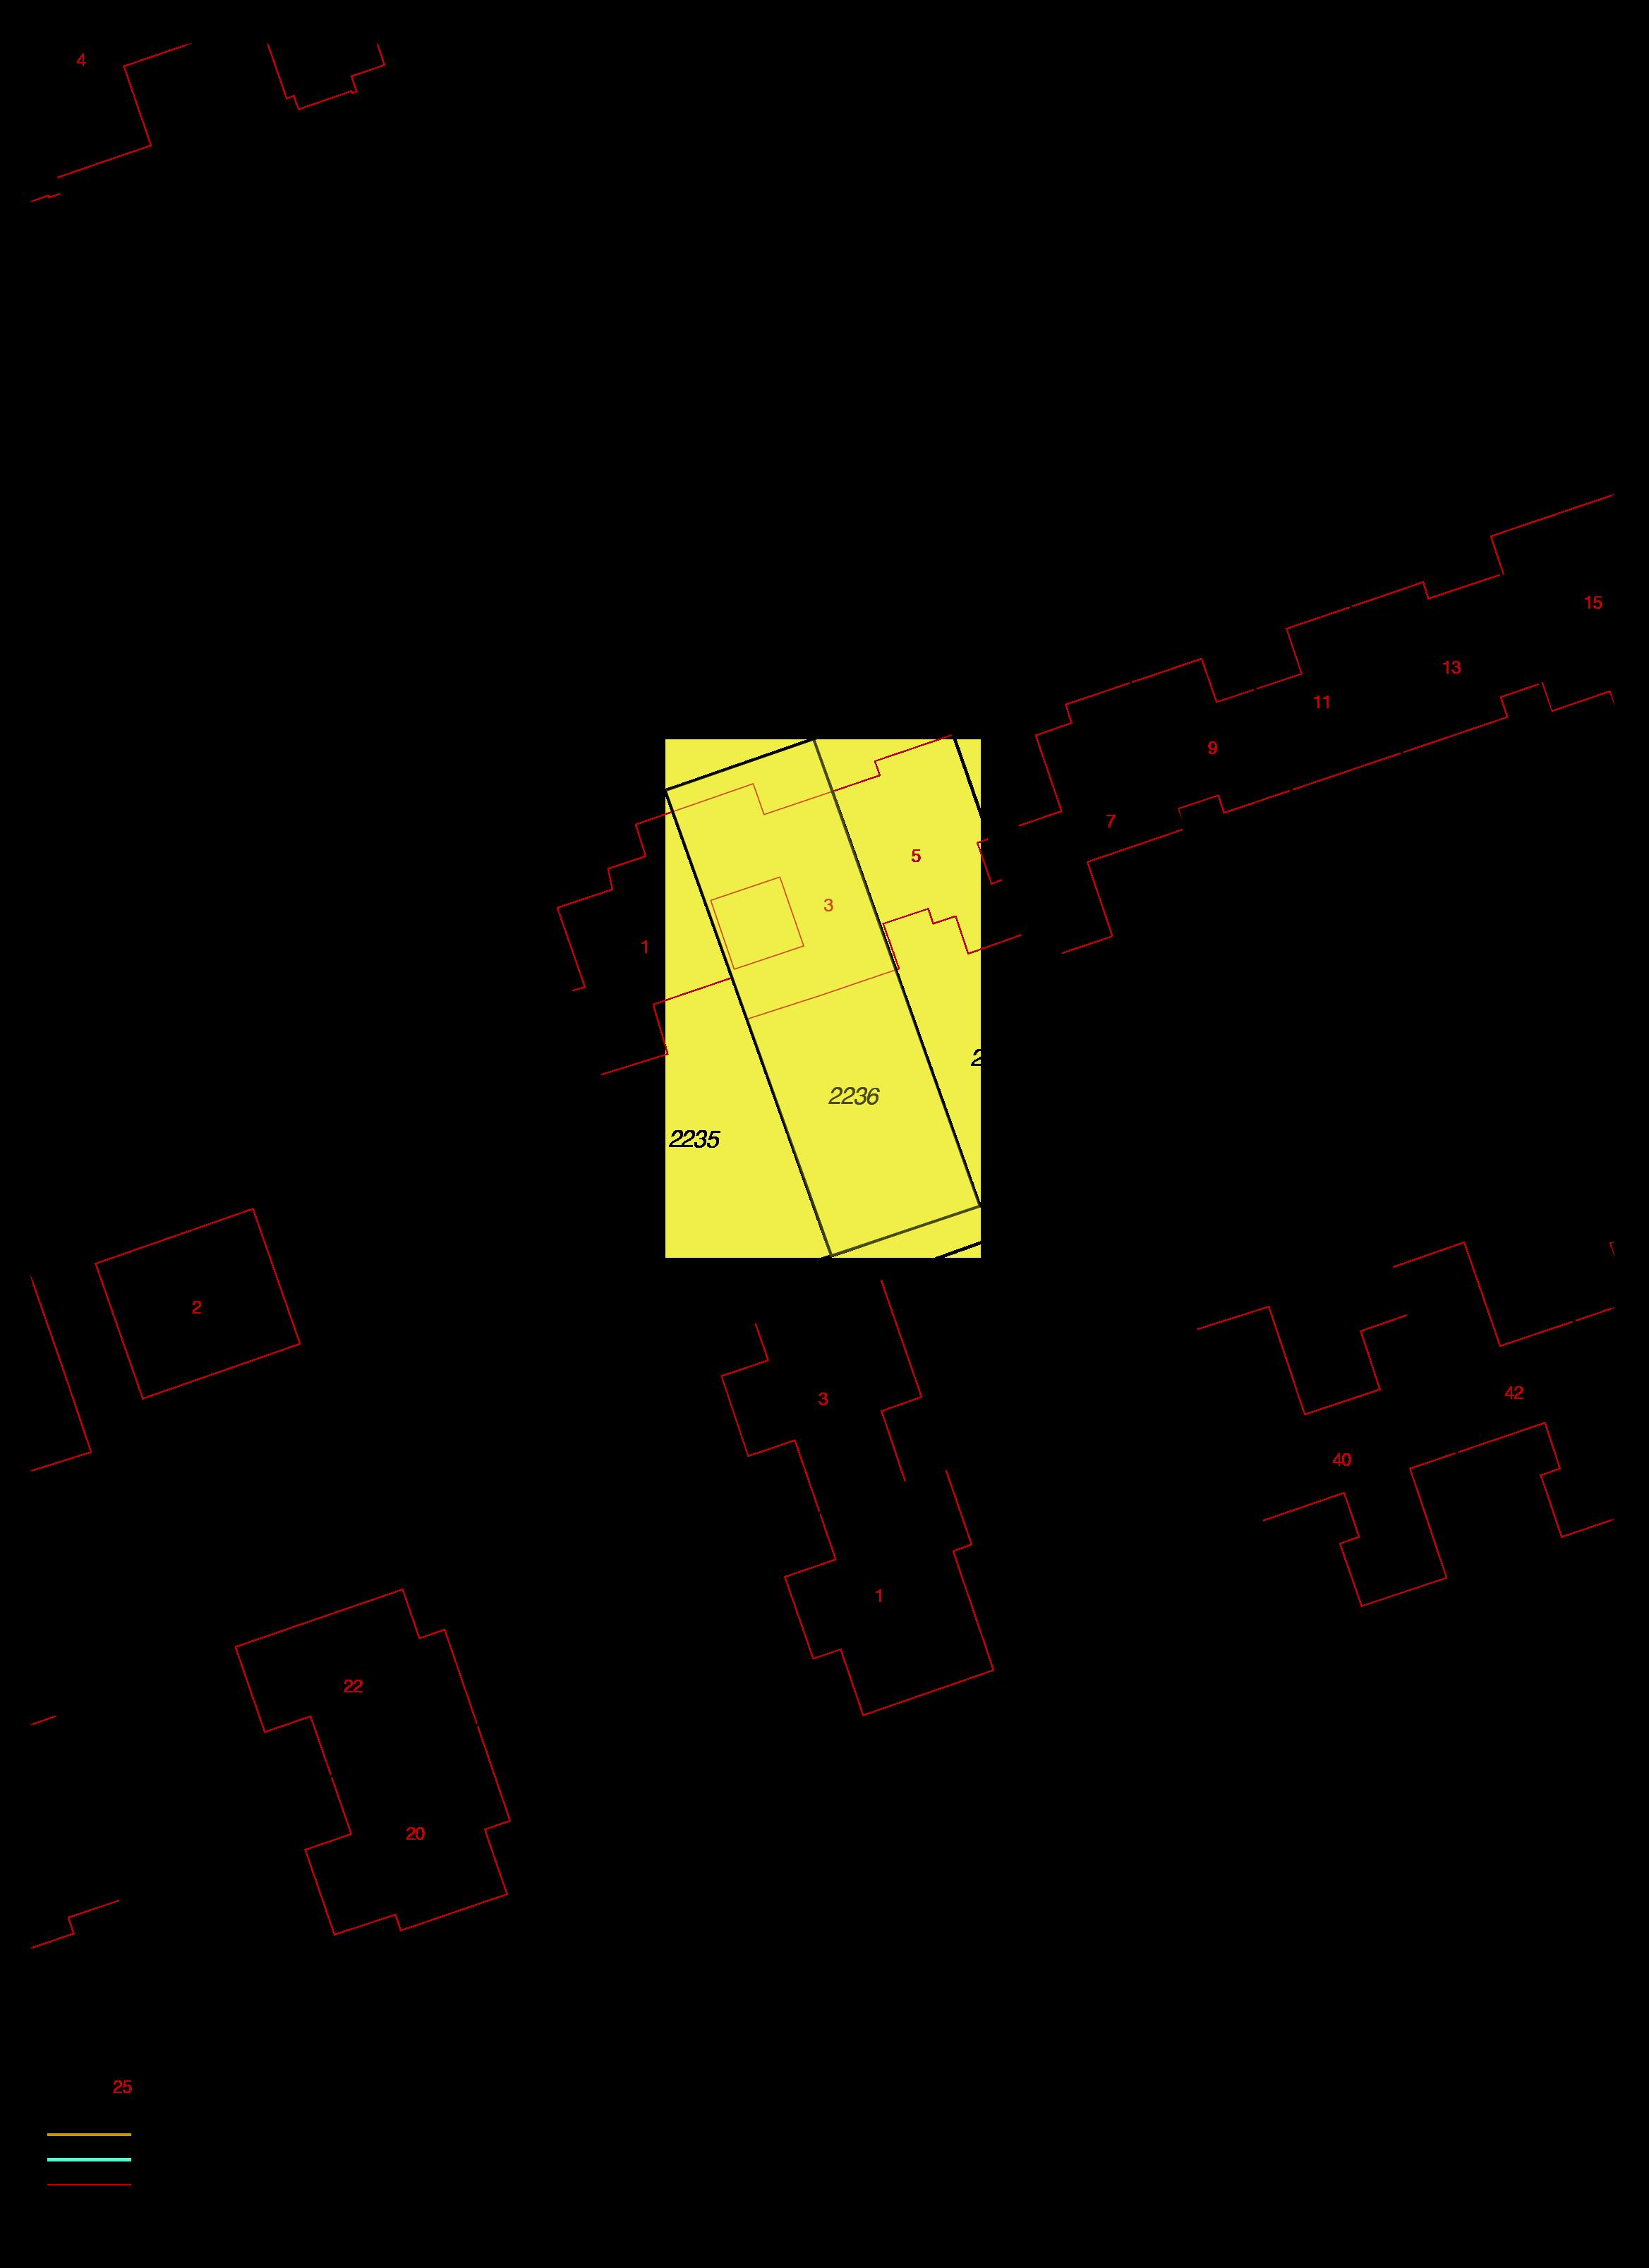 Uittreksel kadastrale kaart garnaetwei 3 goes ism makelaars